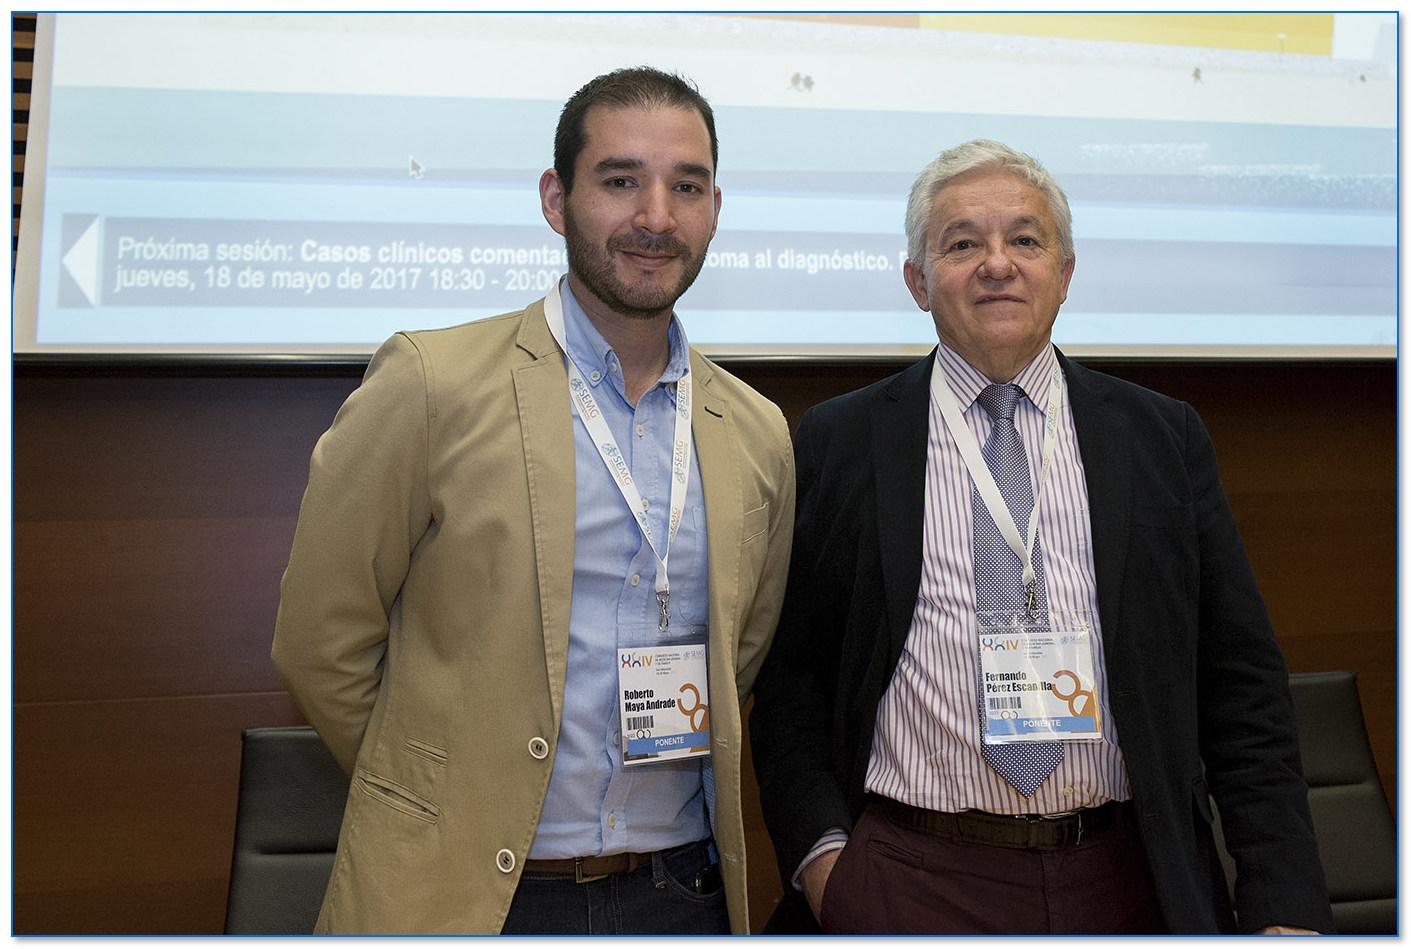 Autores Documento SEMG Manejo y Derivación IVC